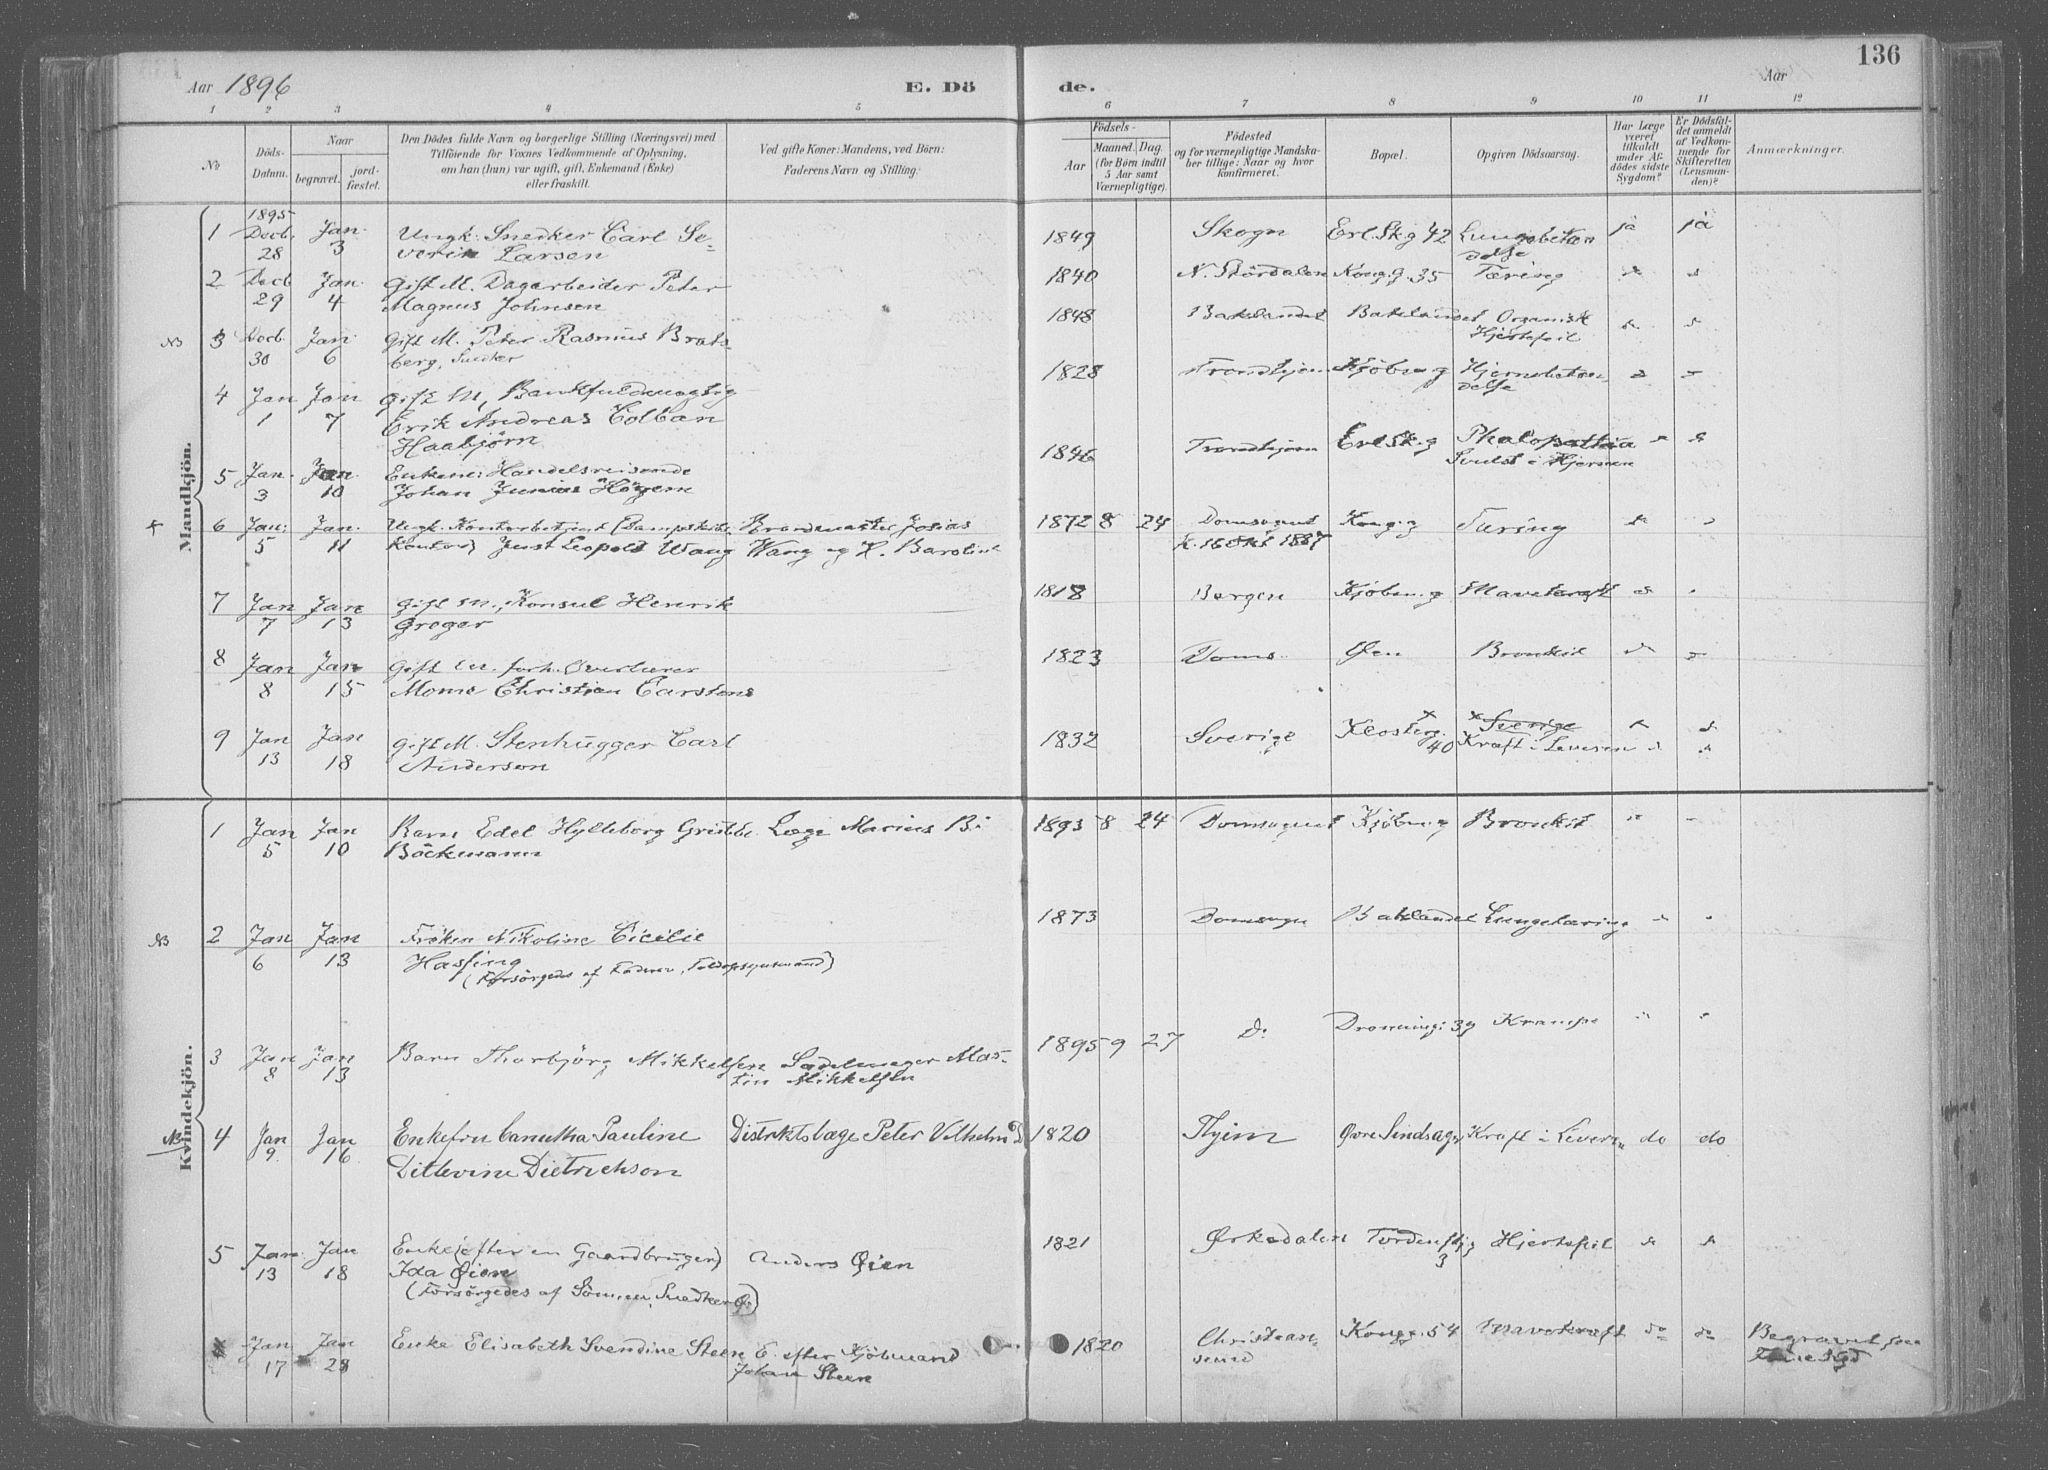 SAT, Ministerialprotokoller, klokkerbøker og fødselsregistre - Sør-Trøndelag, 601/L0064: Ministerialbok nr. 601A31, 1891-1911, s. 136